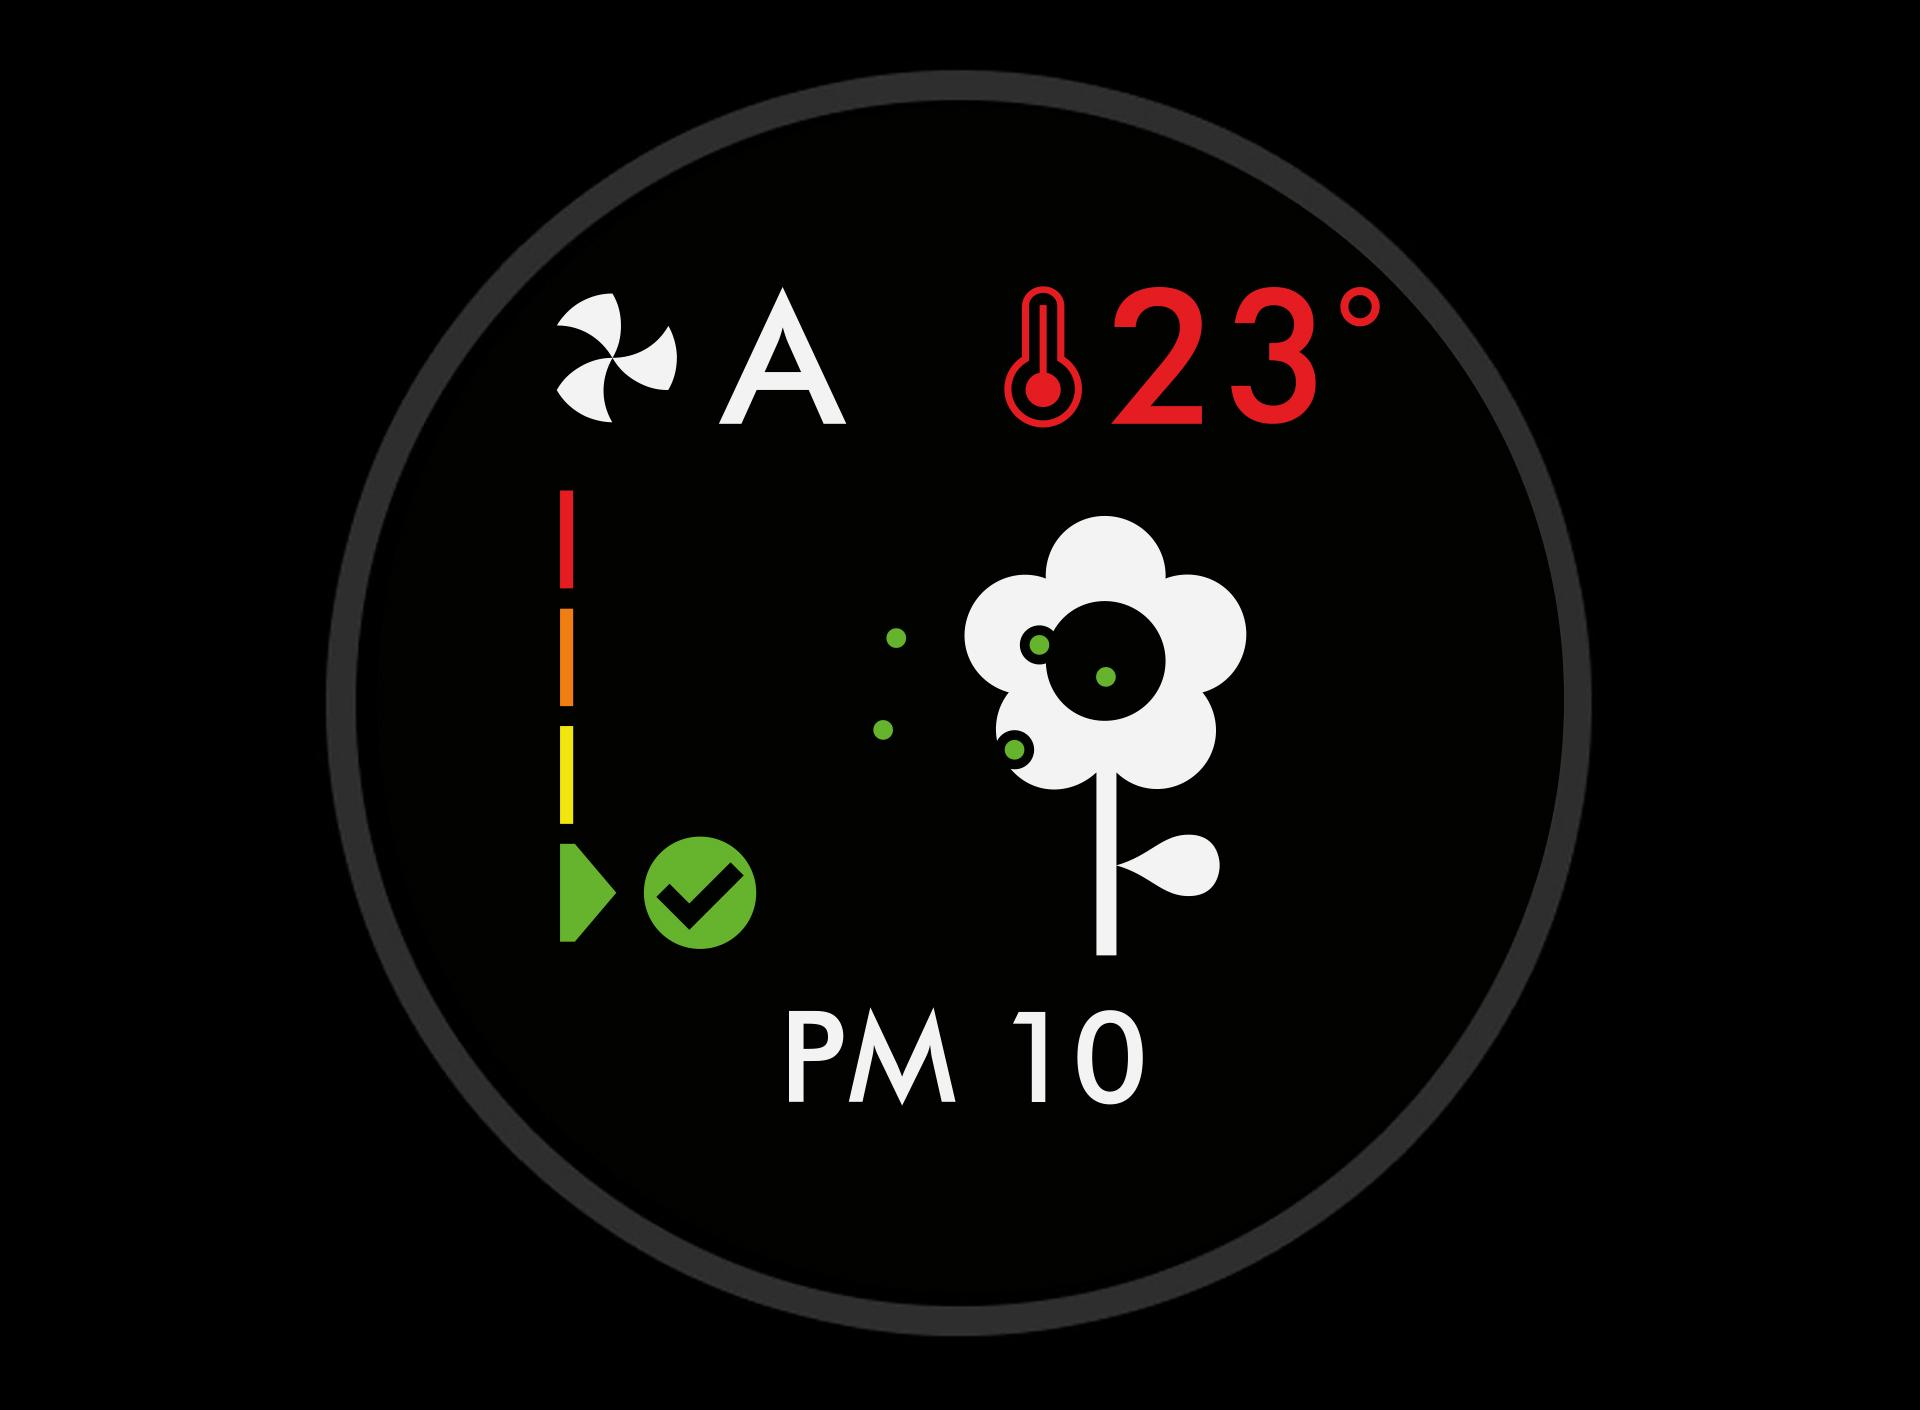 PM 10 level